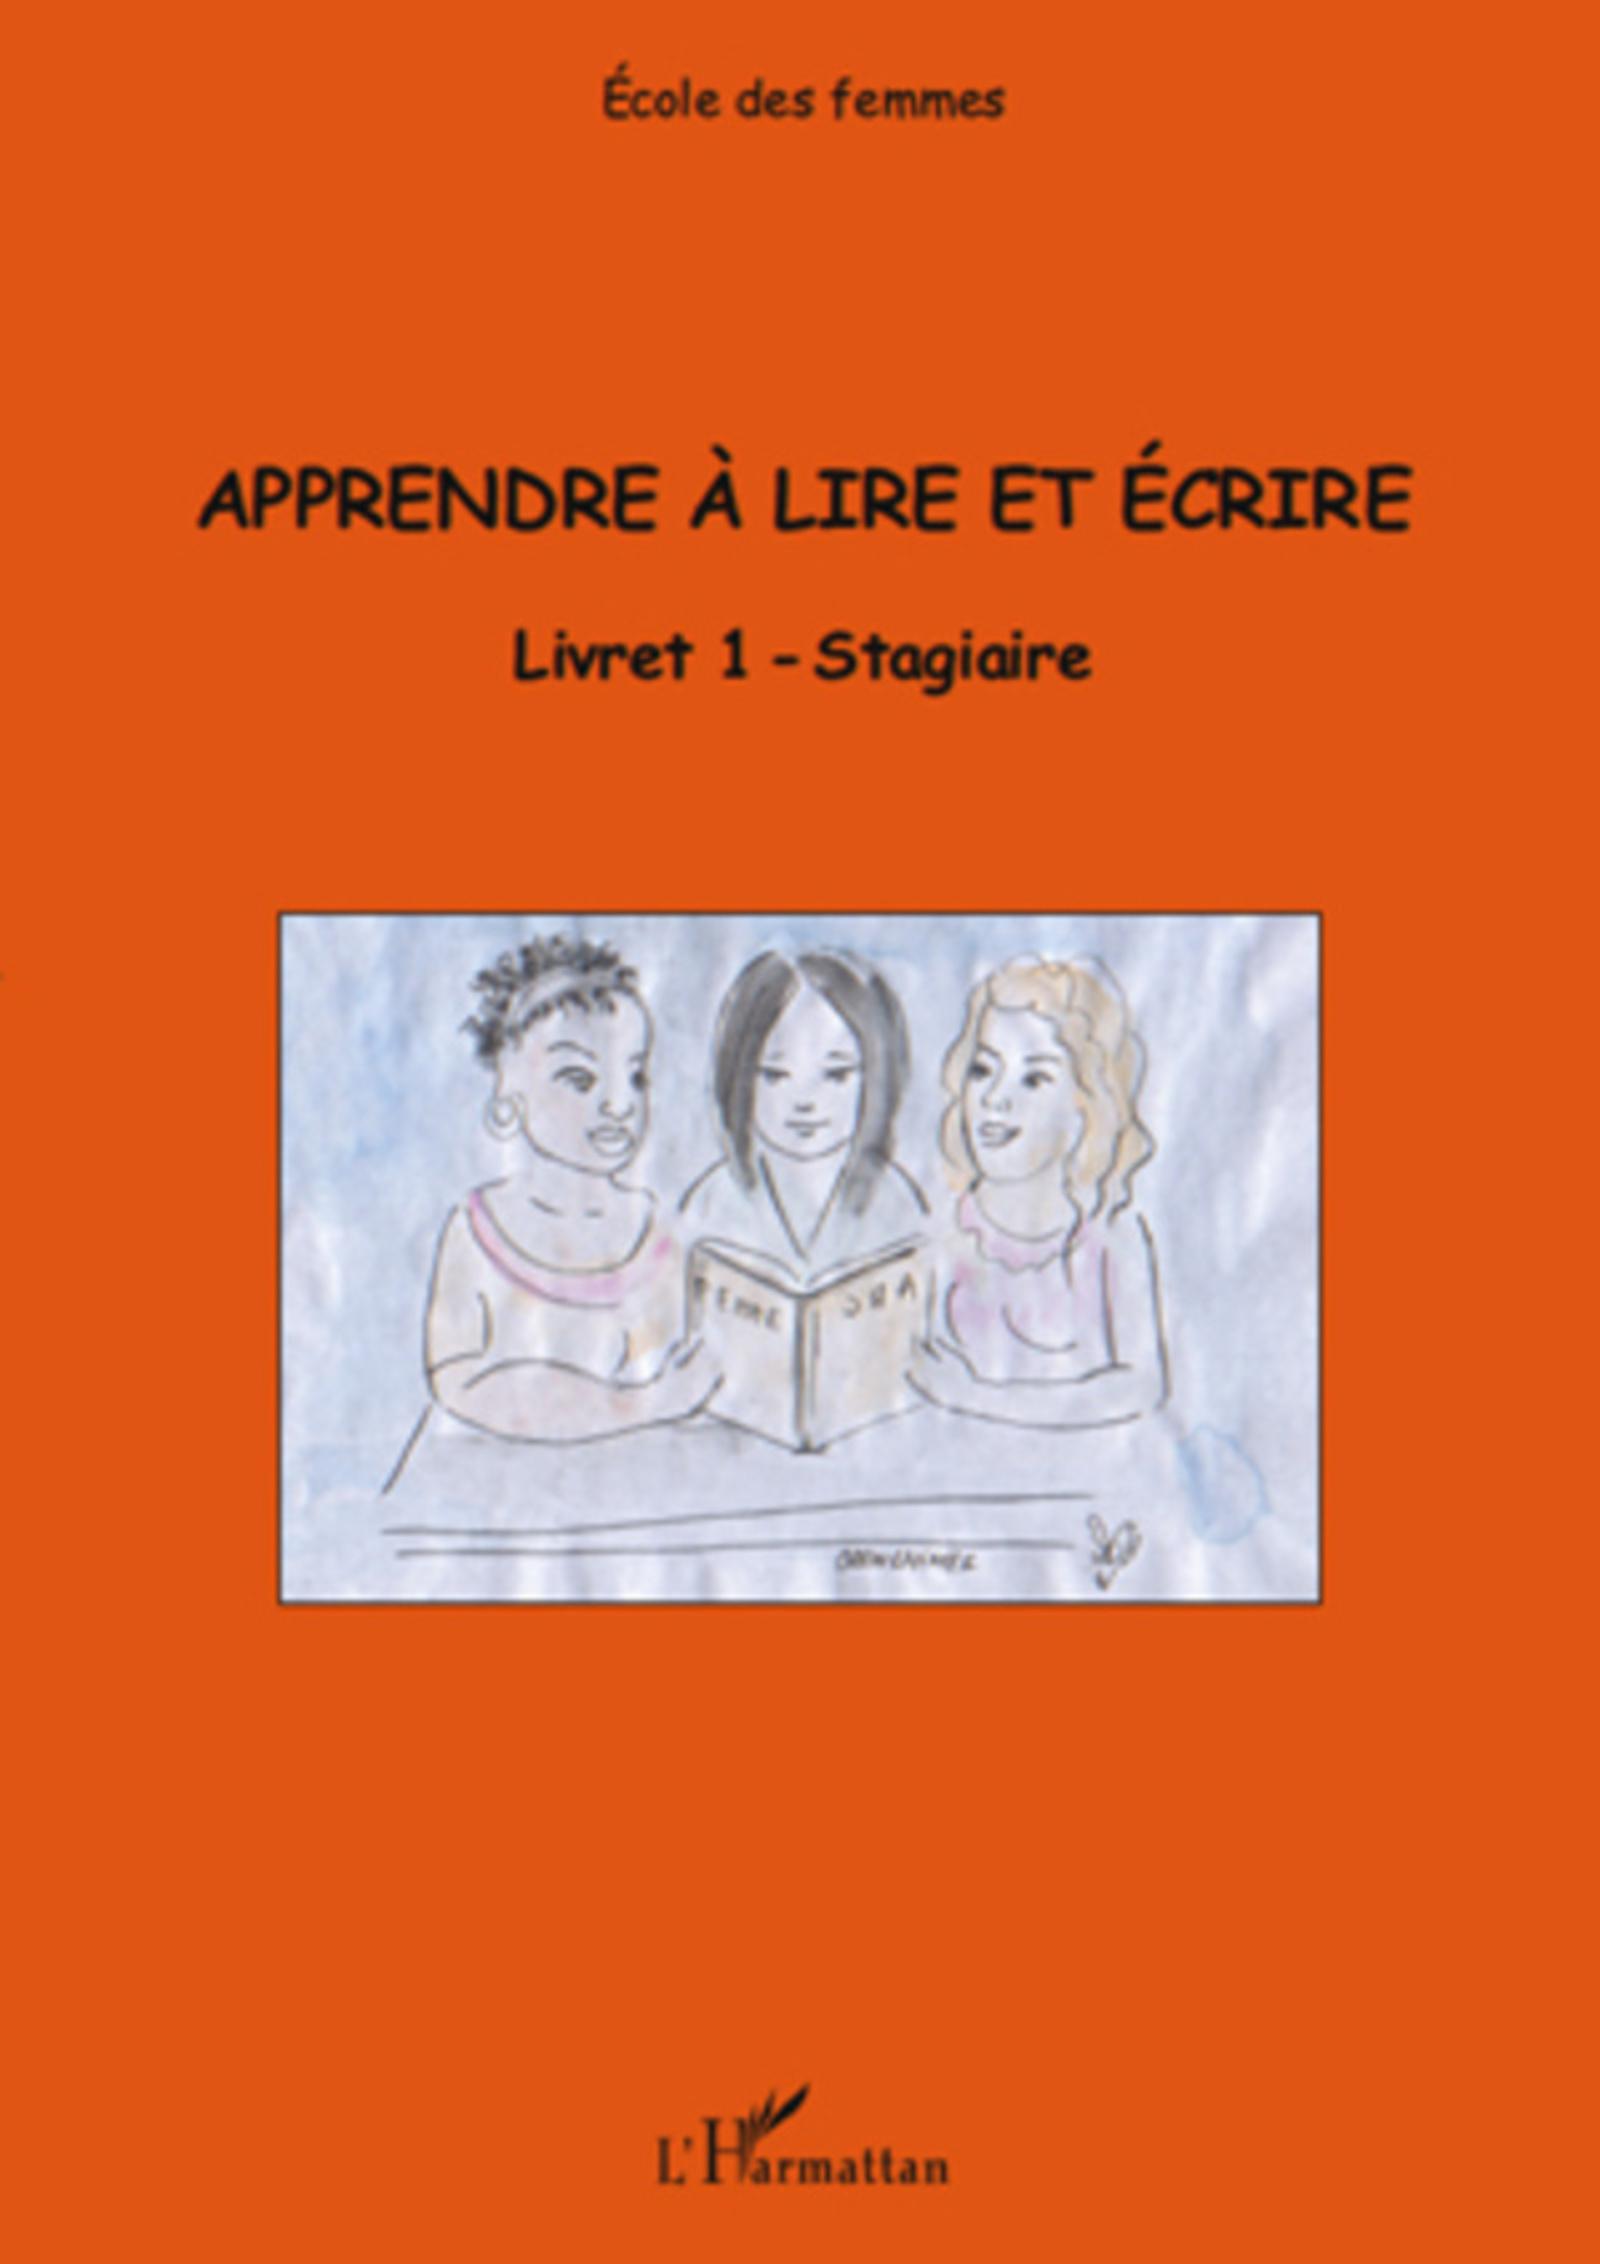 Apprendre lire et crire livret 1 stagiaire for Apprendre les livrets